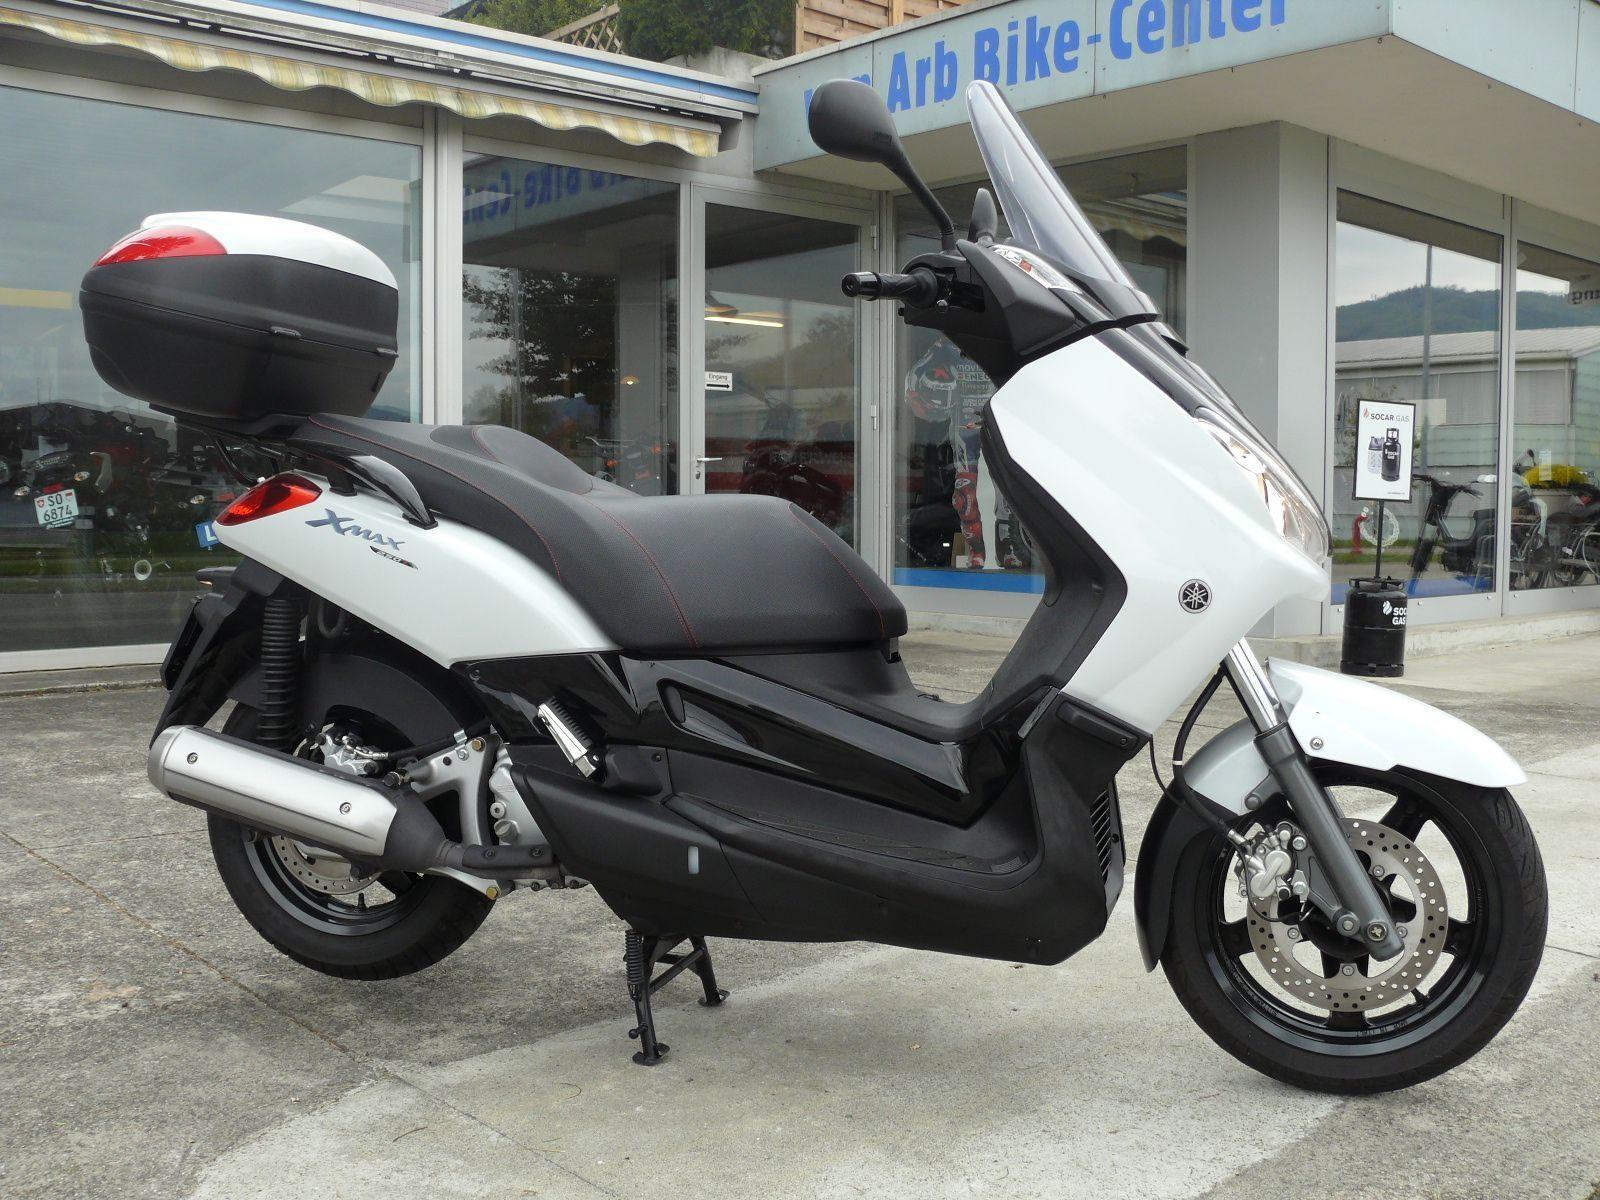 motorrad occasion kaufen yamaha yp 250 r x max von arb bike ag neuendorf. Black Bedroom Furniture Sets. Home Design Ideas